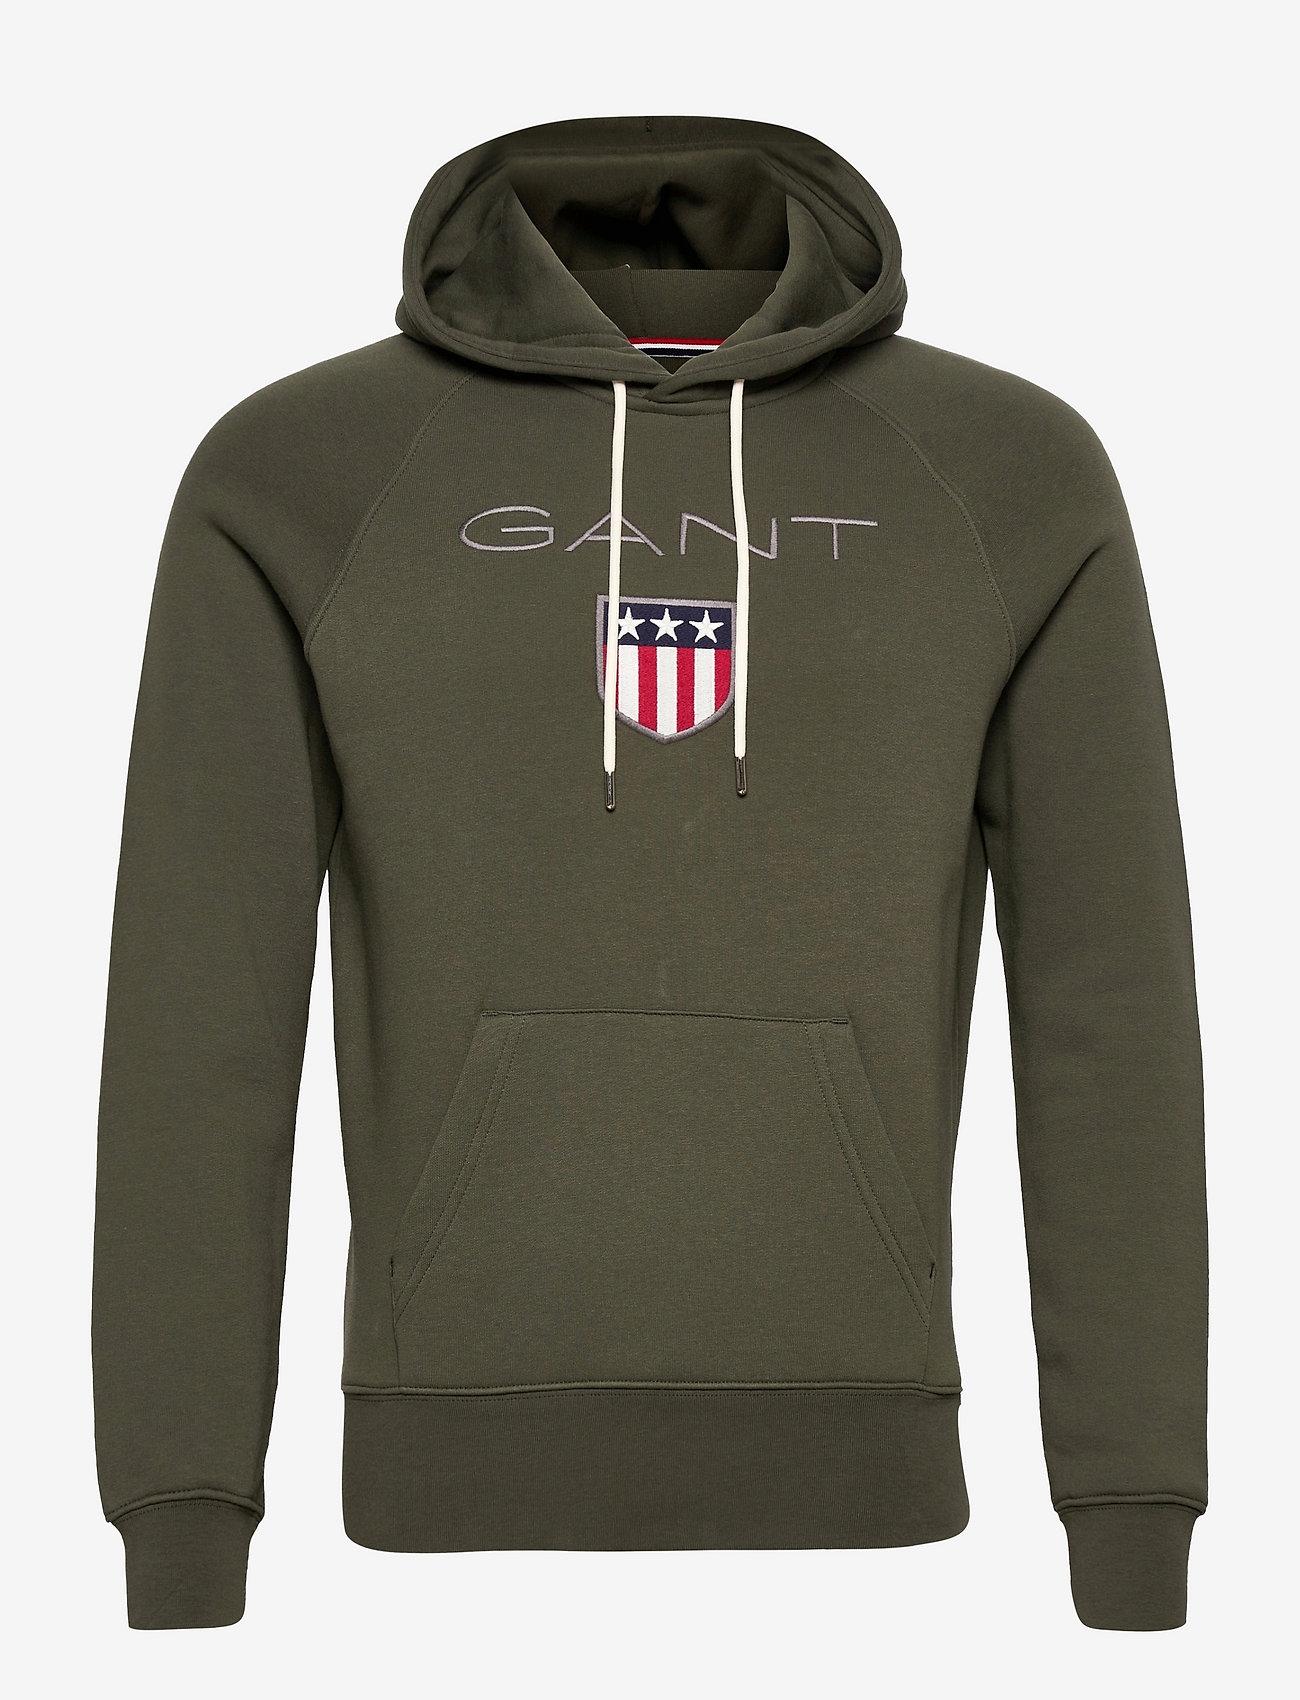 GANT - SHIELD HOODIE - hoodies - thyme green - 0